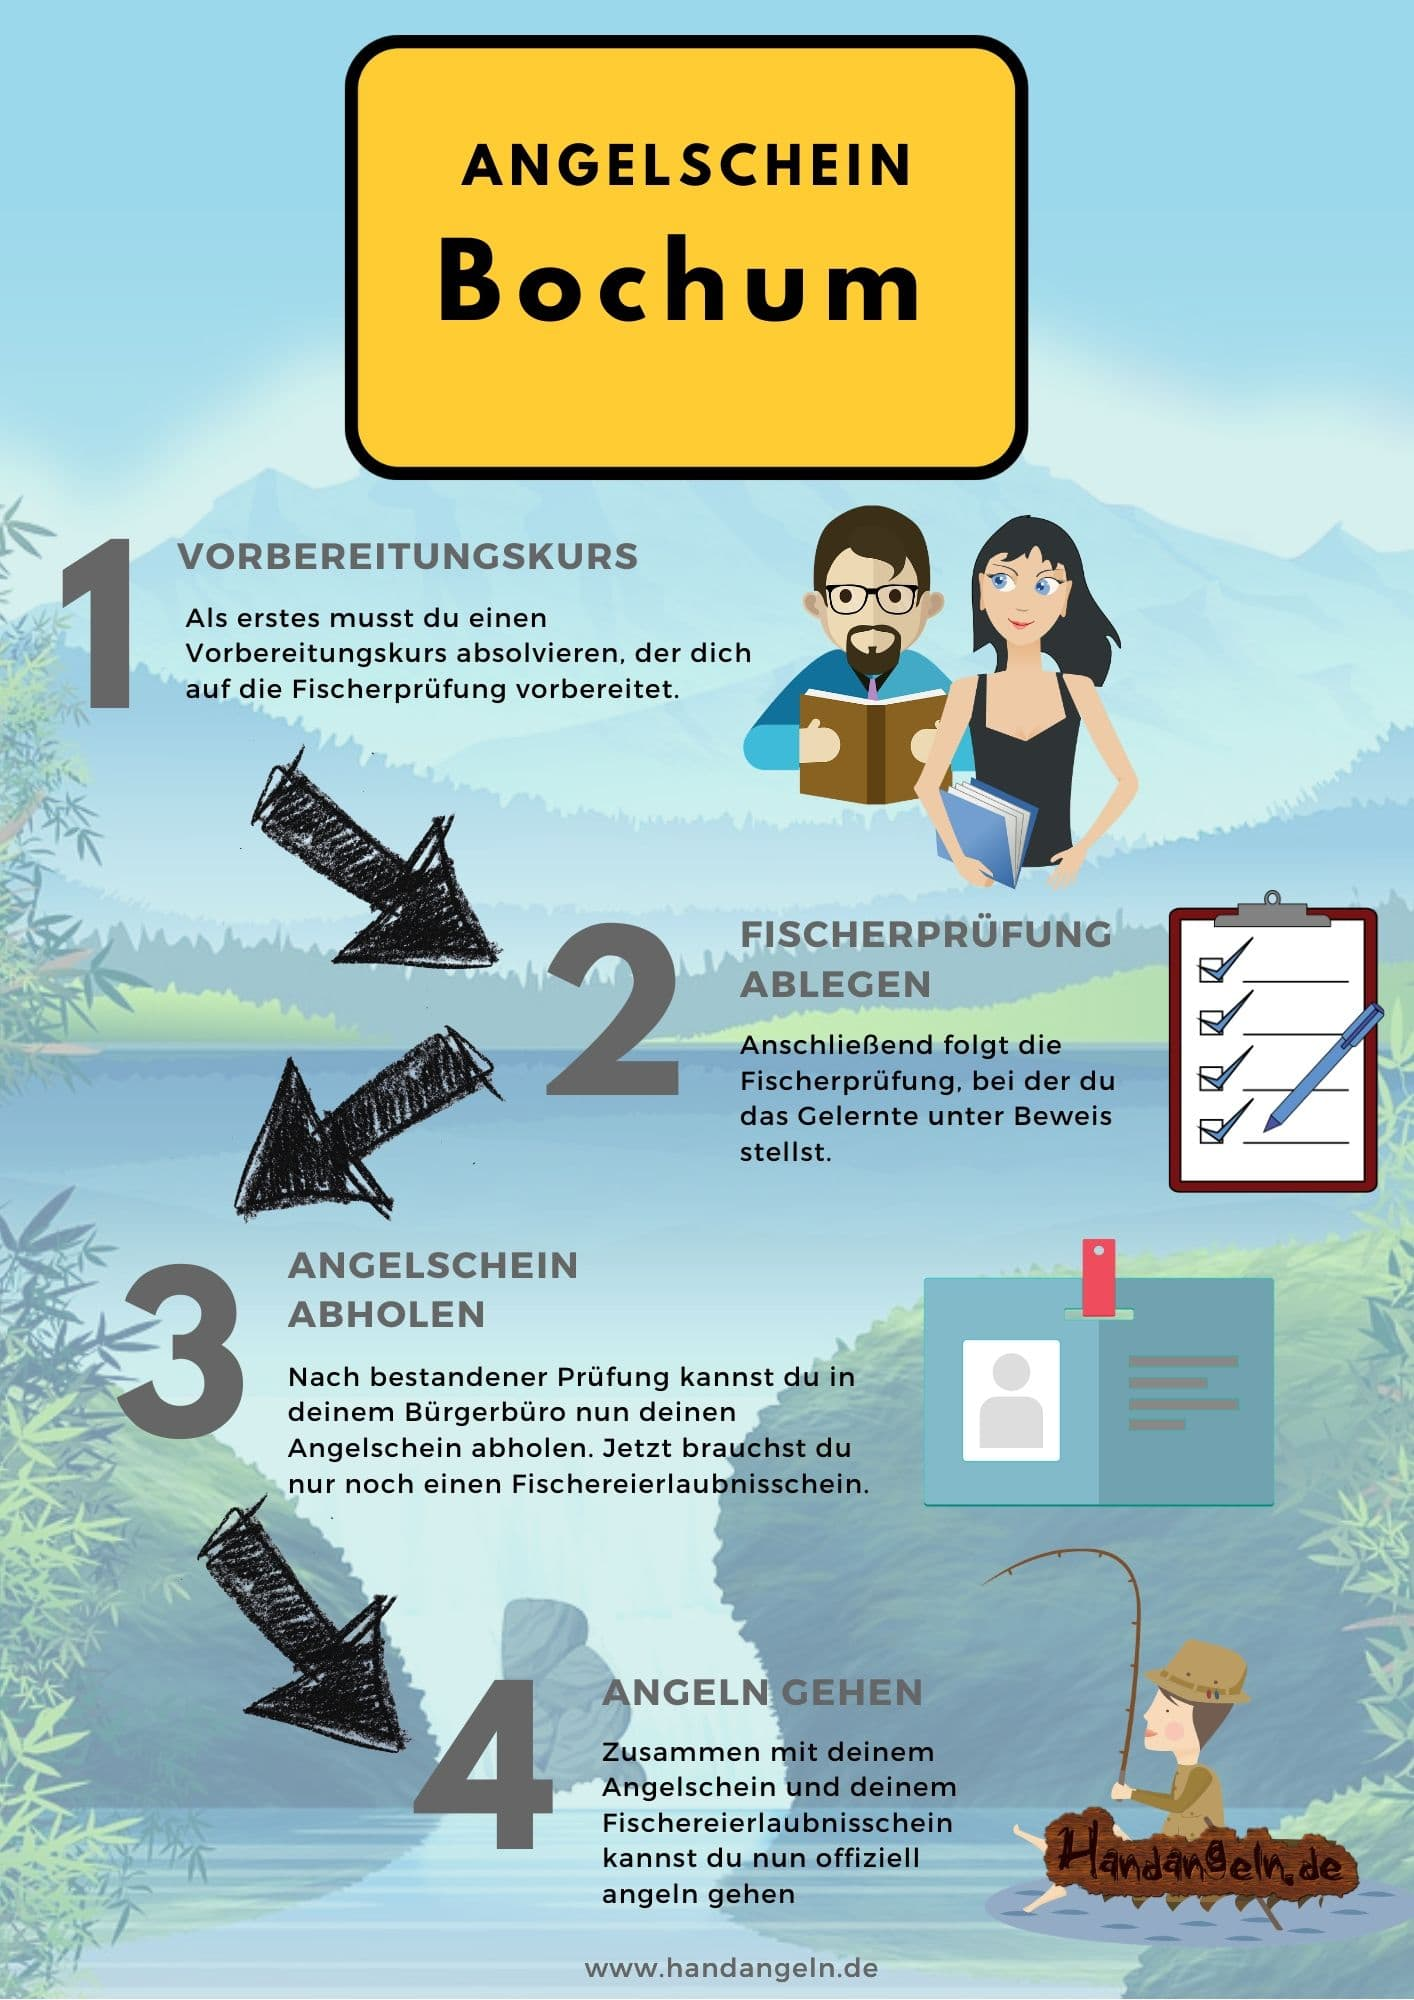 Angelschein Bochum